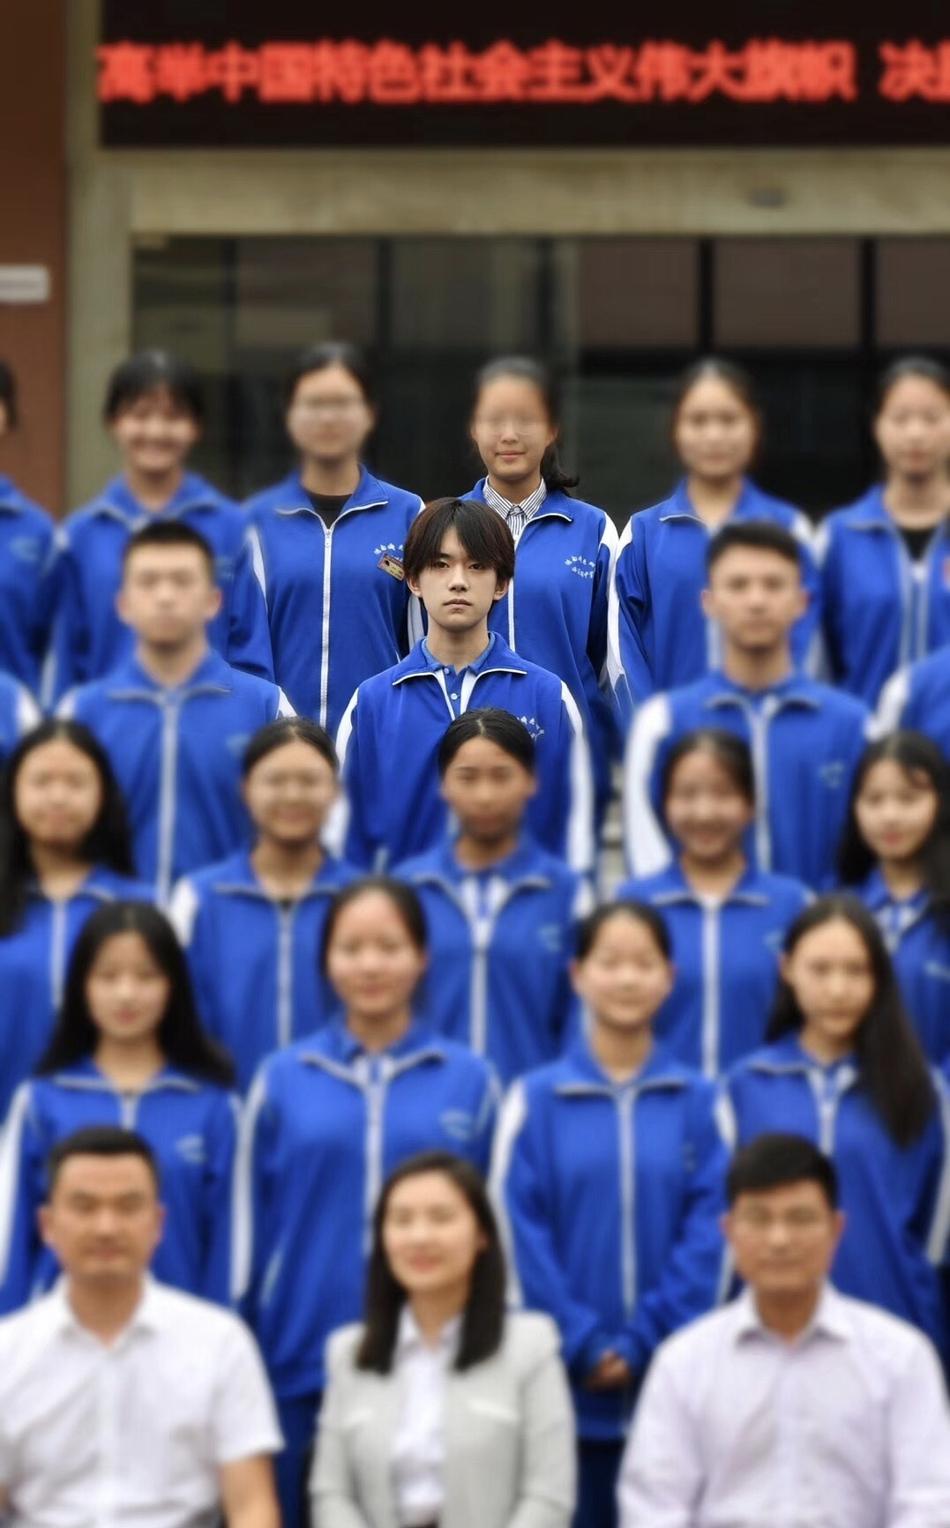 易烊千玺高中毕业照曝光 表情严肃一脸正气